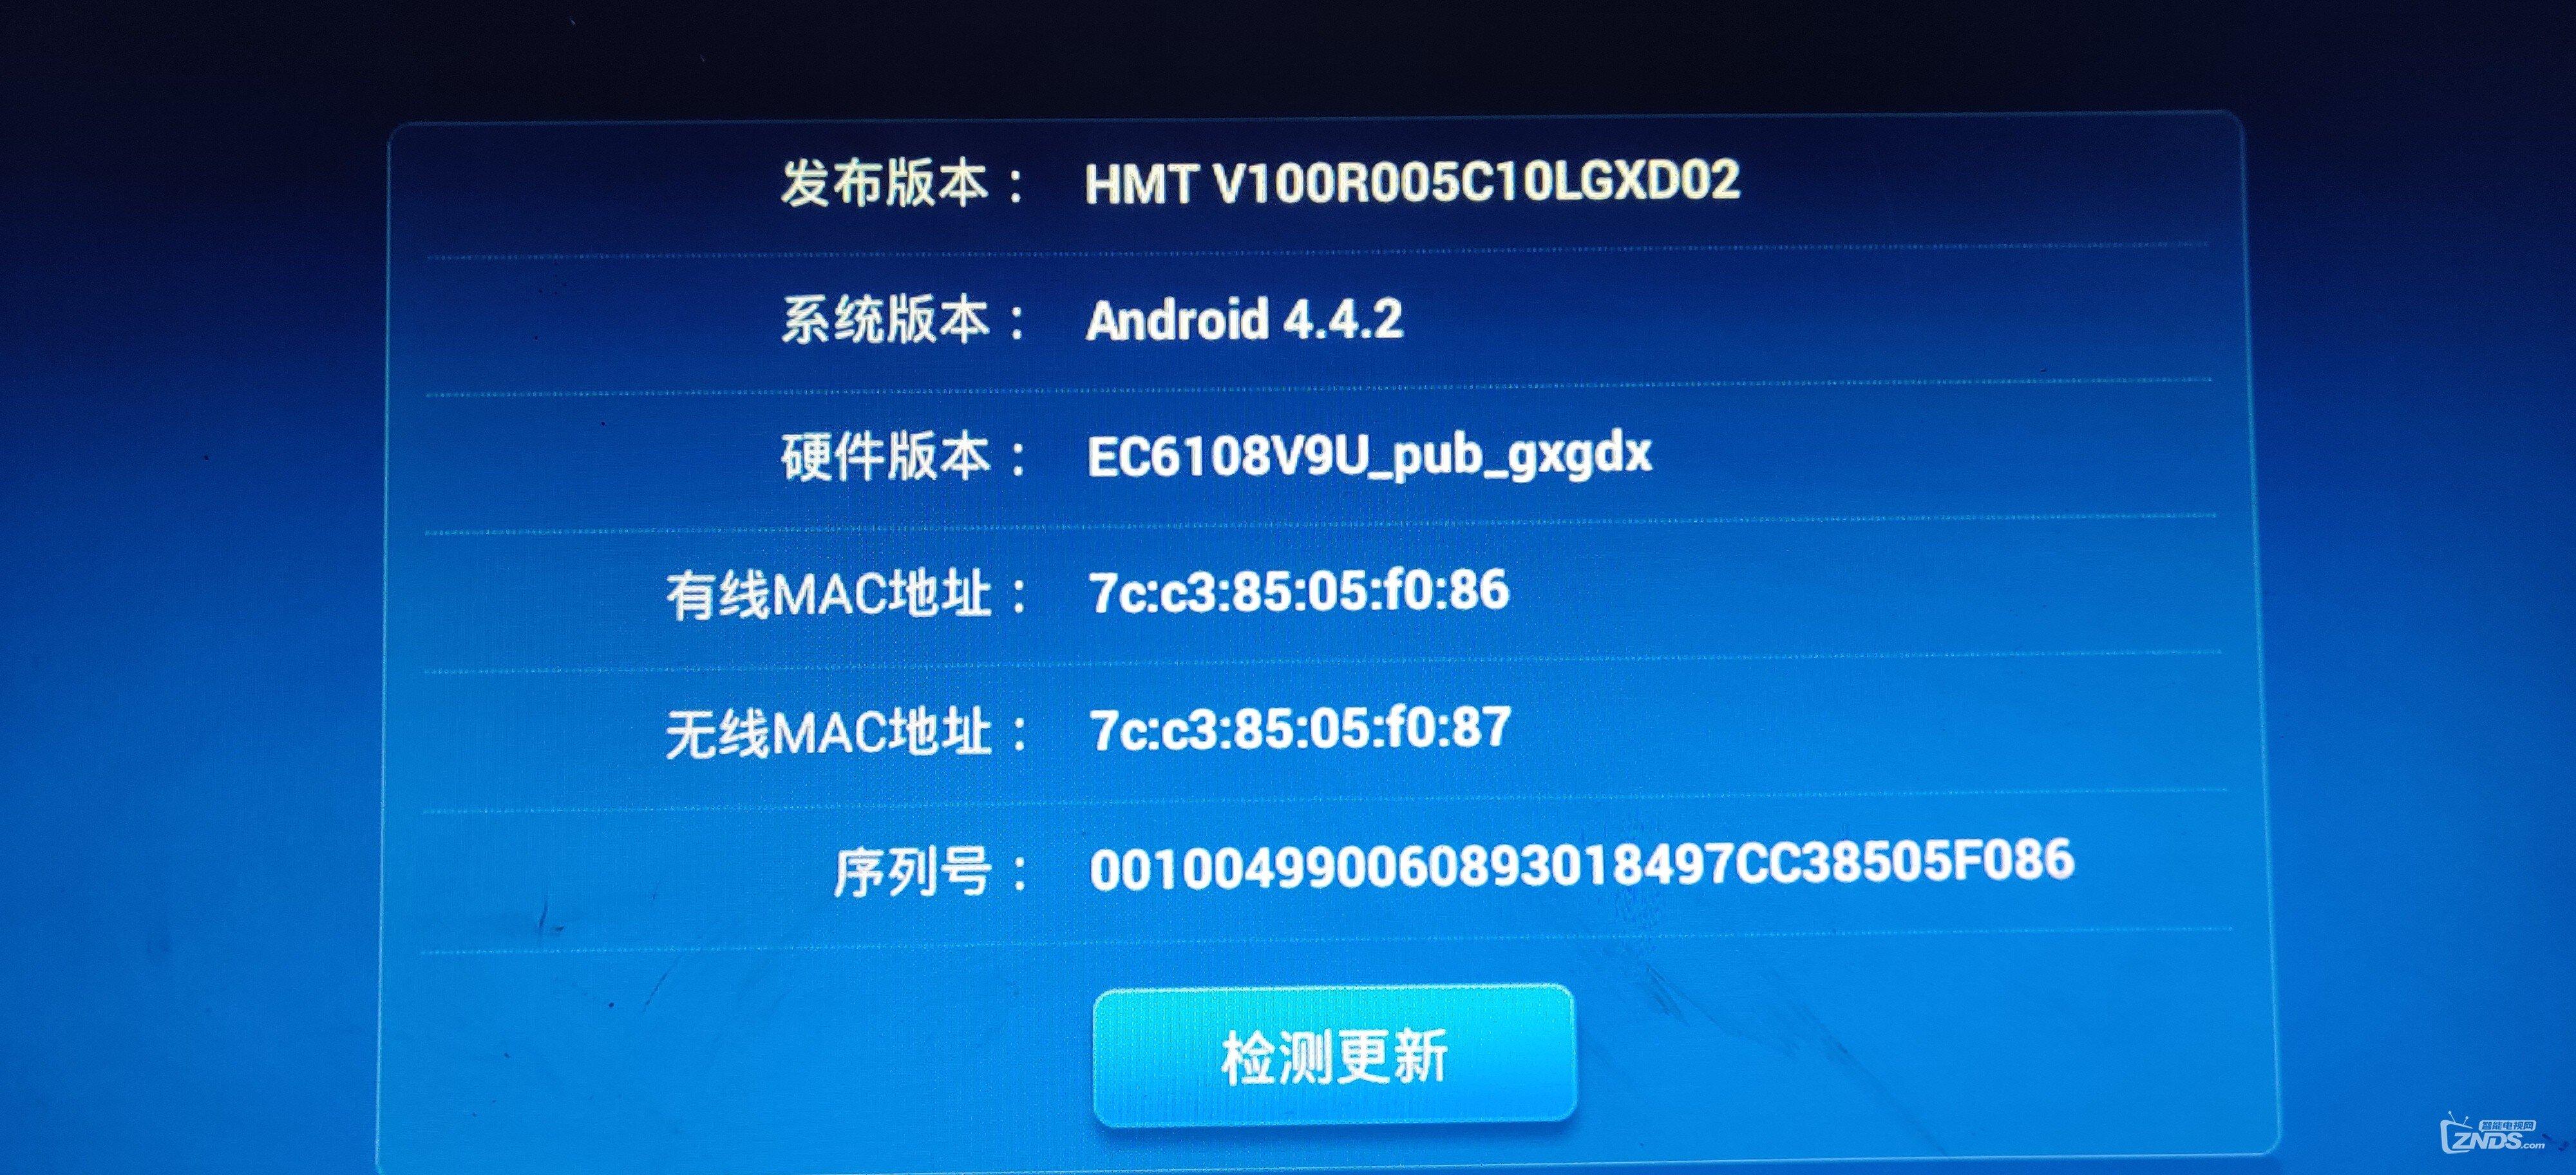 微信图片_20200202170803.jpg